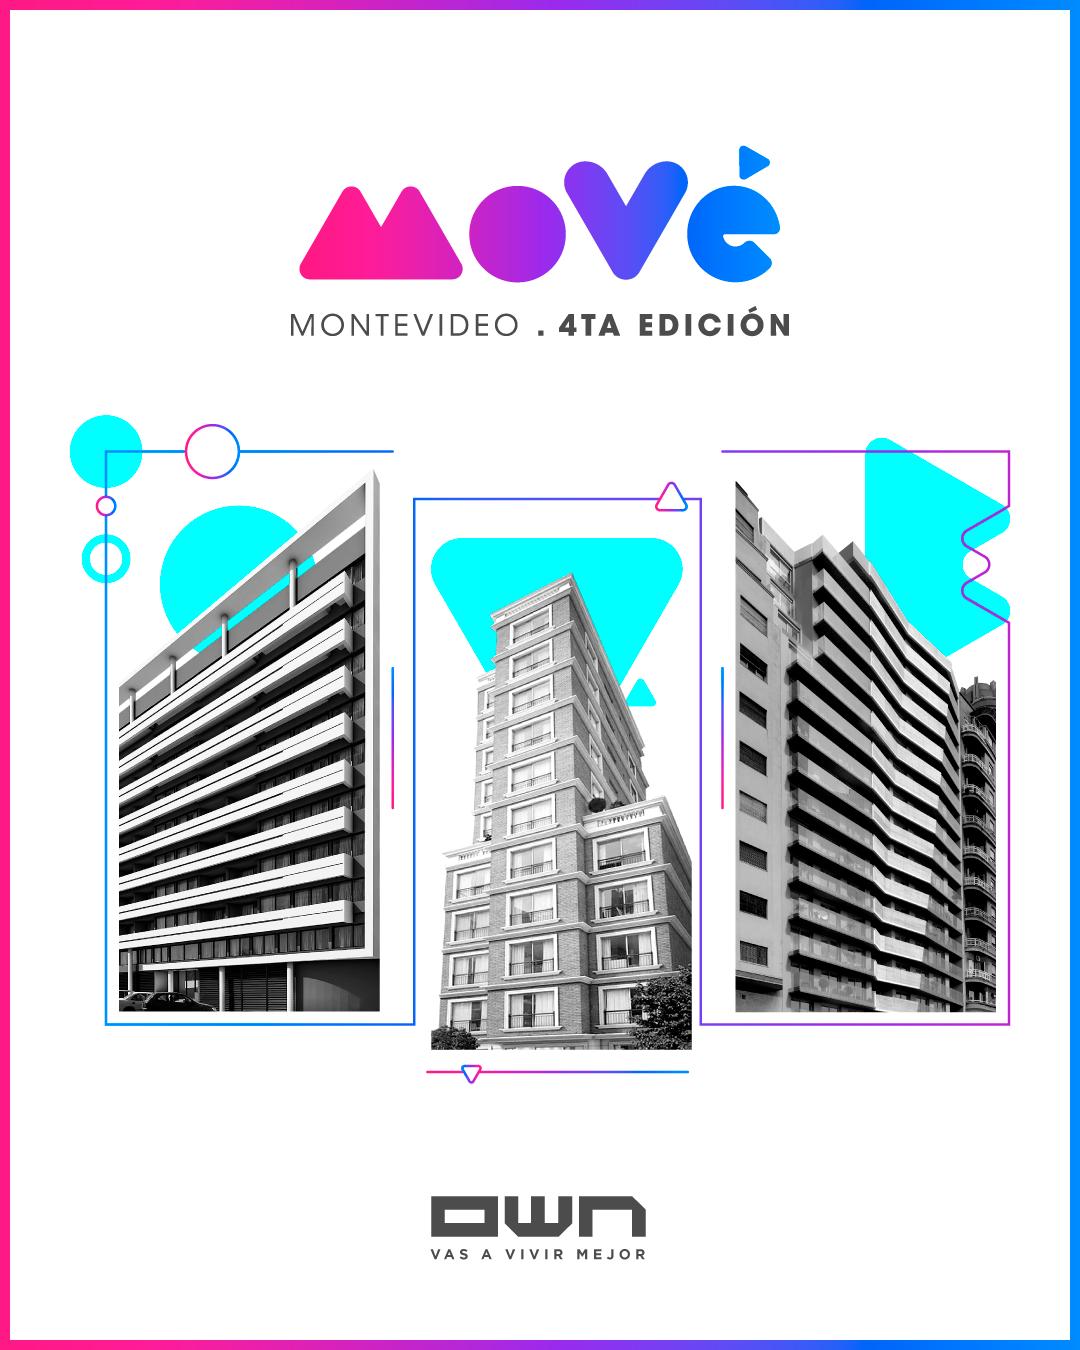 Grafica-0-move